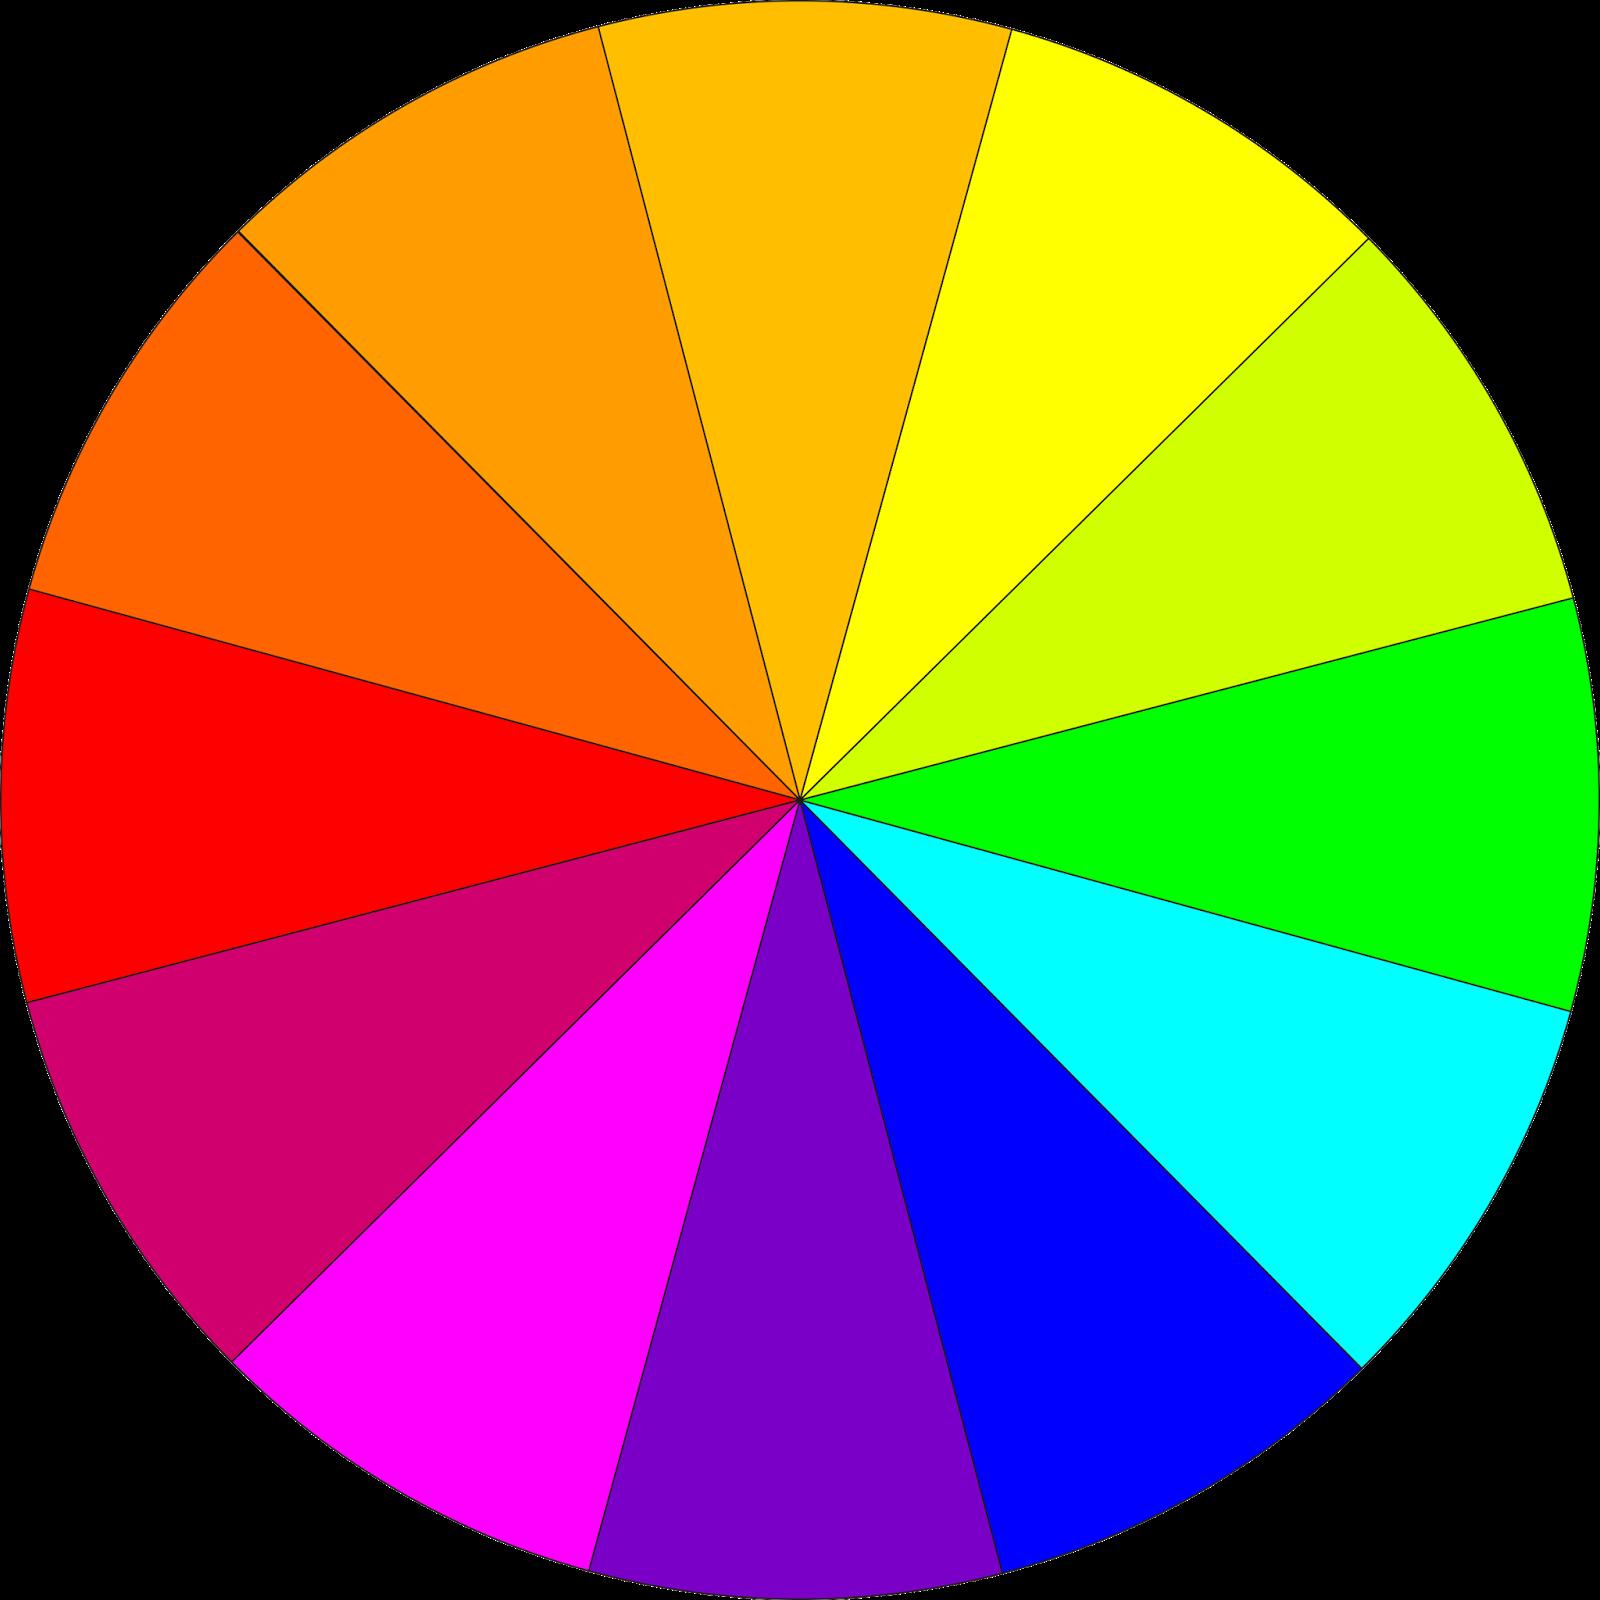 Pin el circulo cromatico on pinterest - Circulo cromatico 12 colores ...